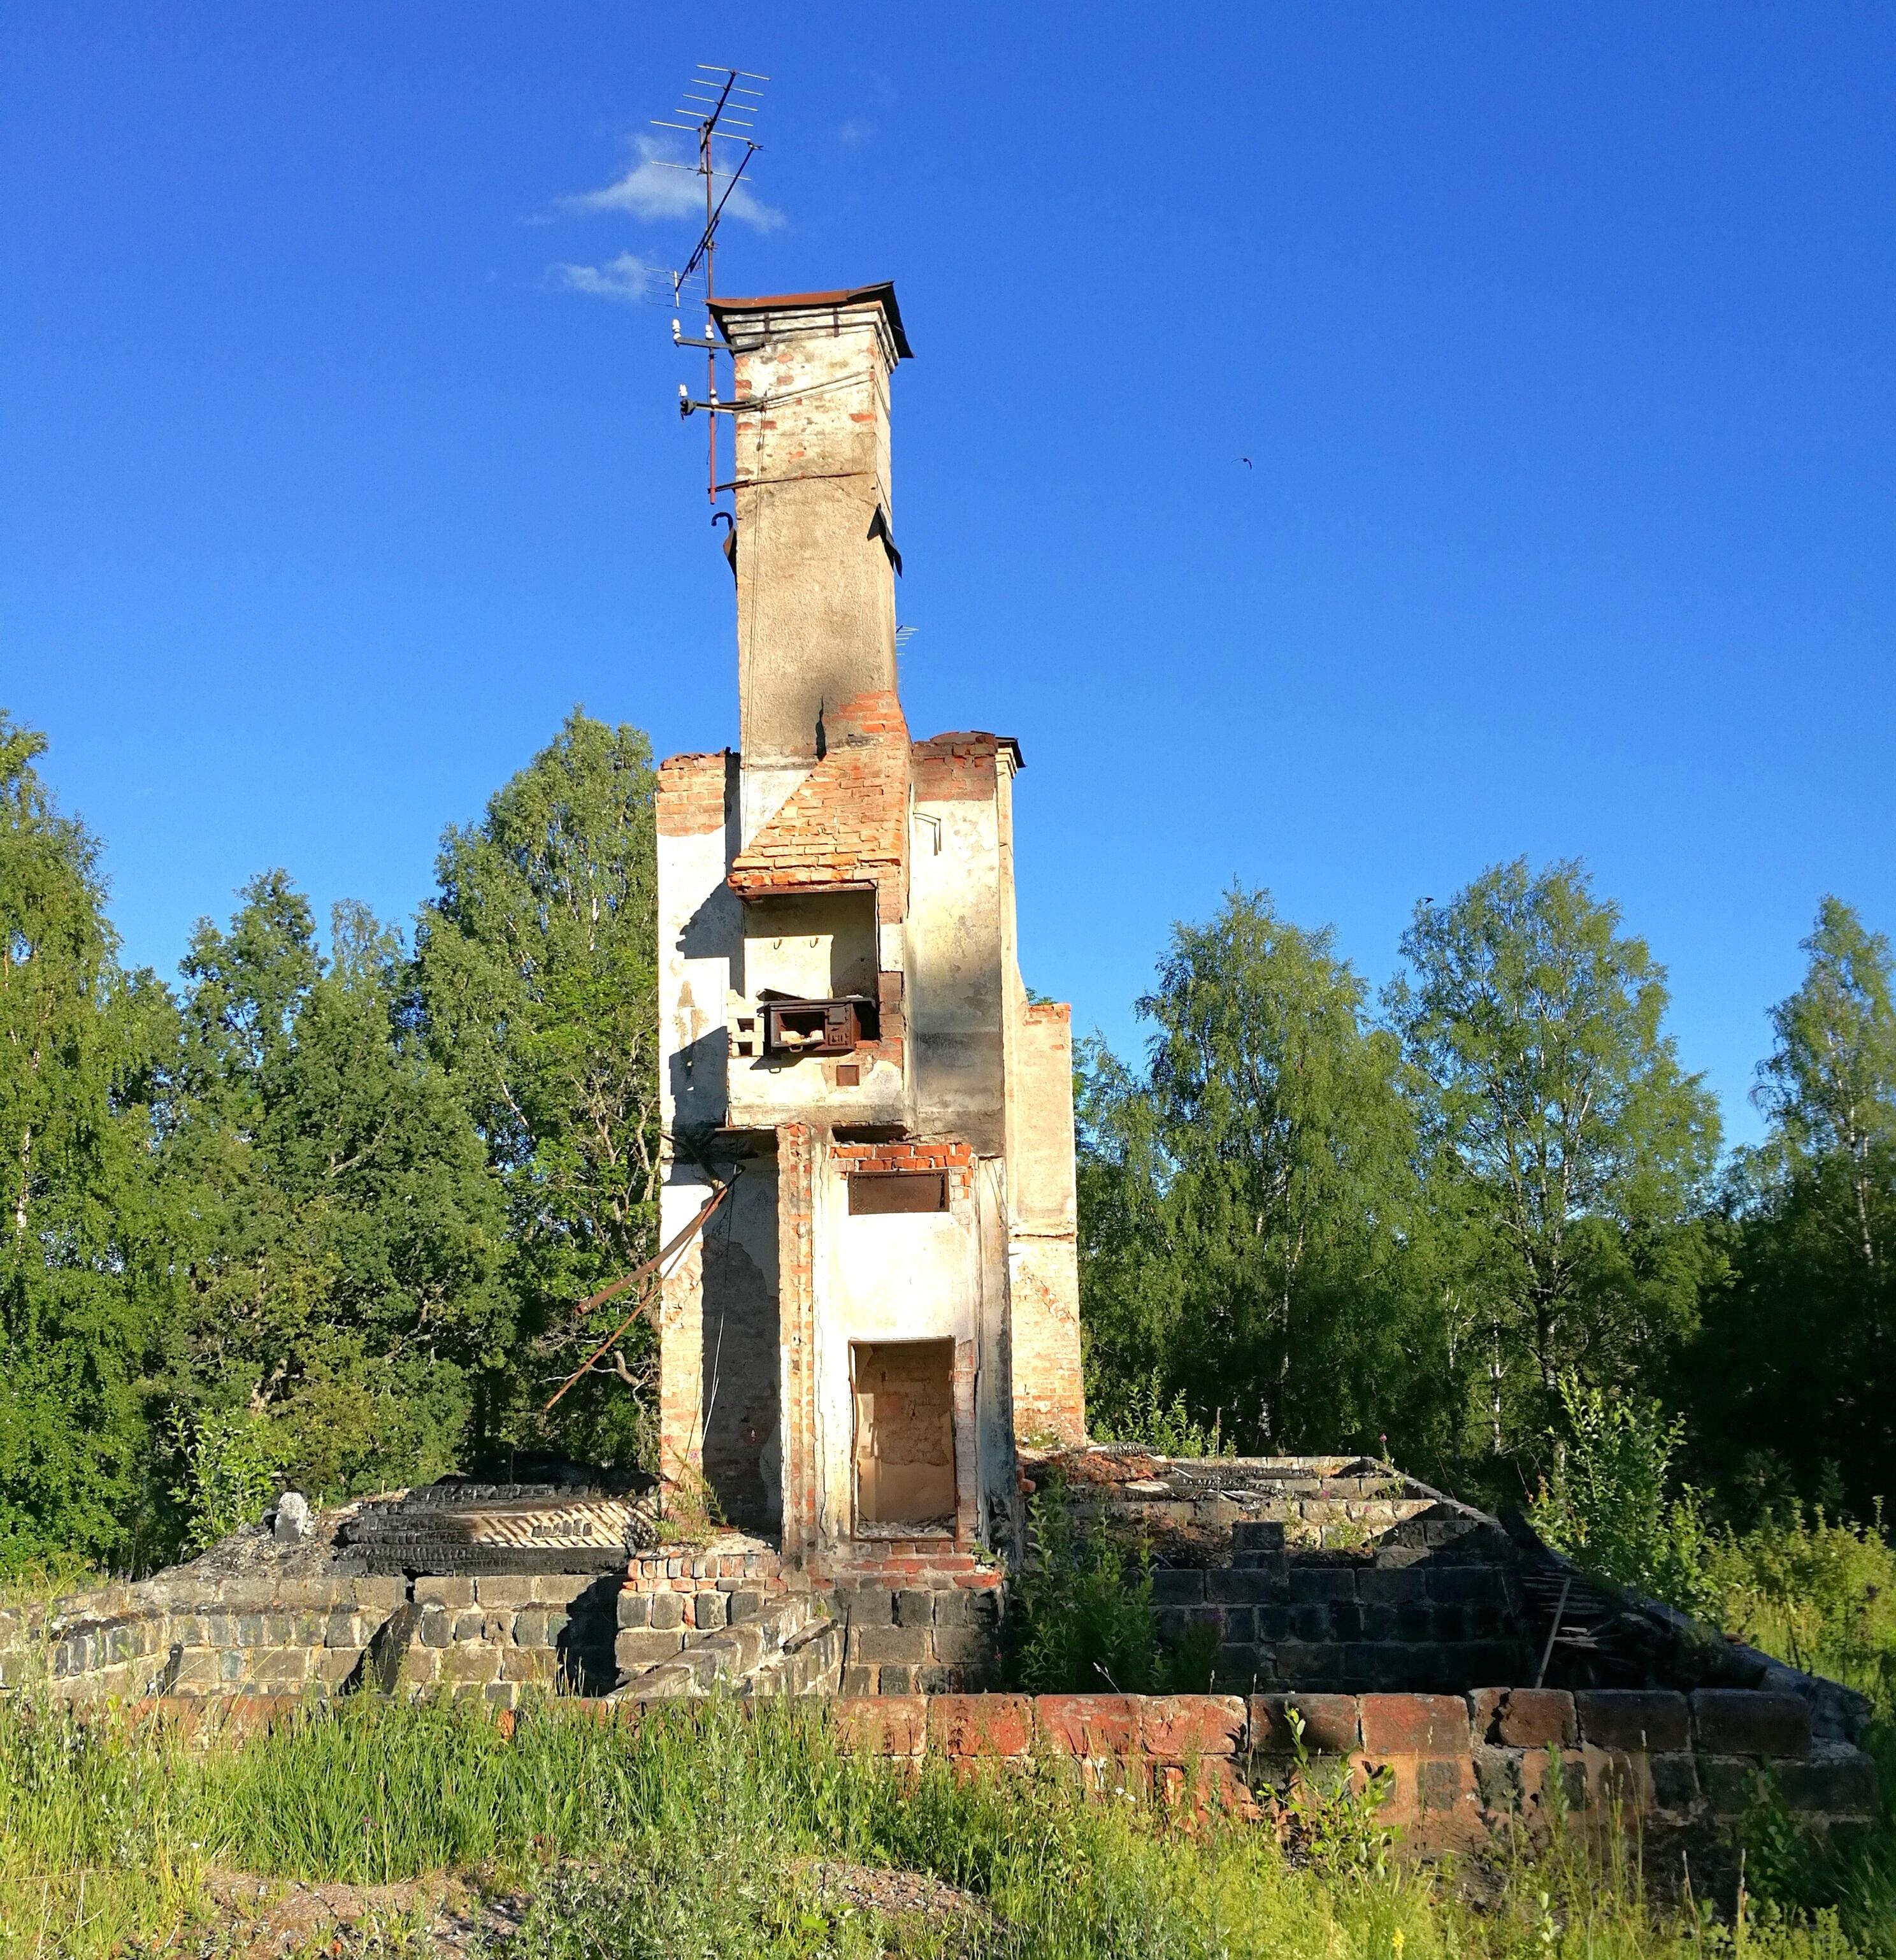 Nybygget som brann ner 2012 (2)